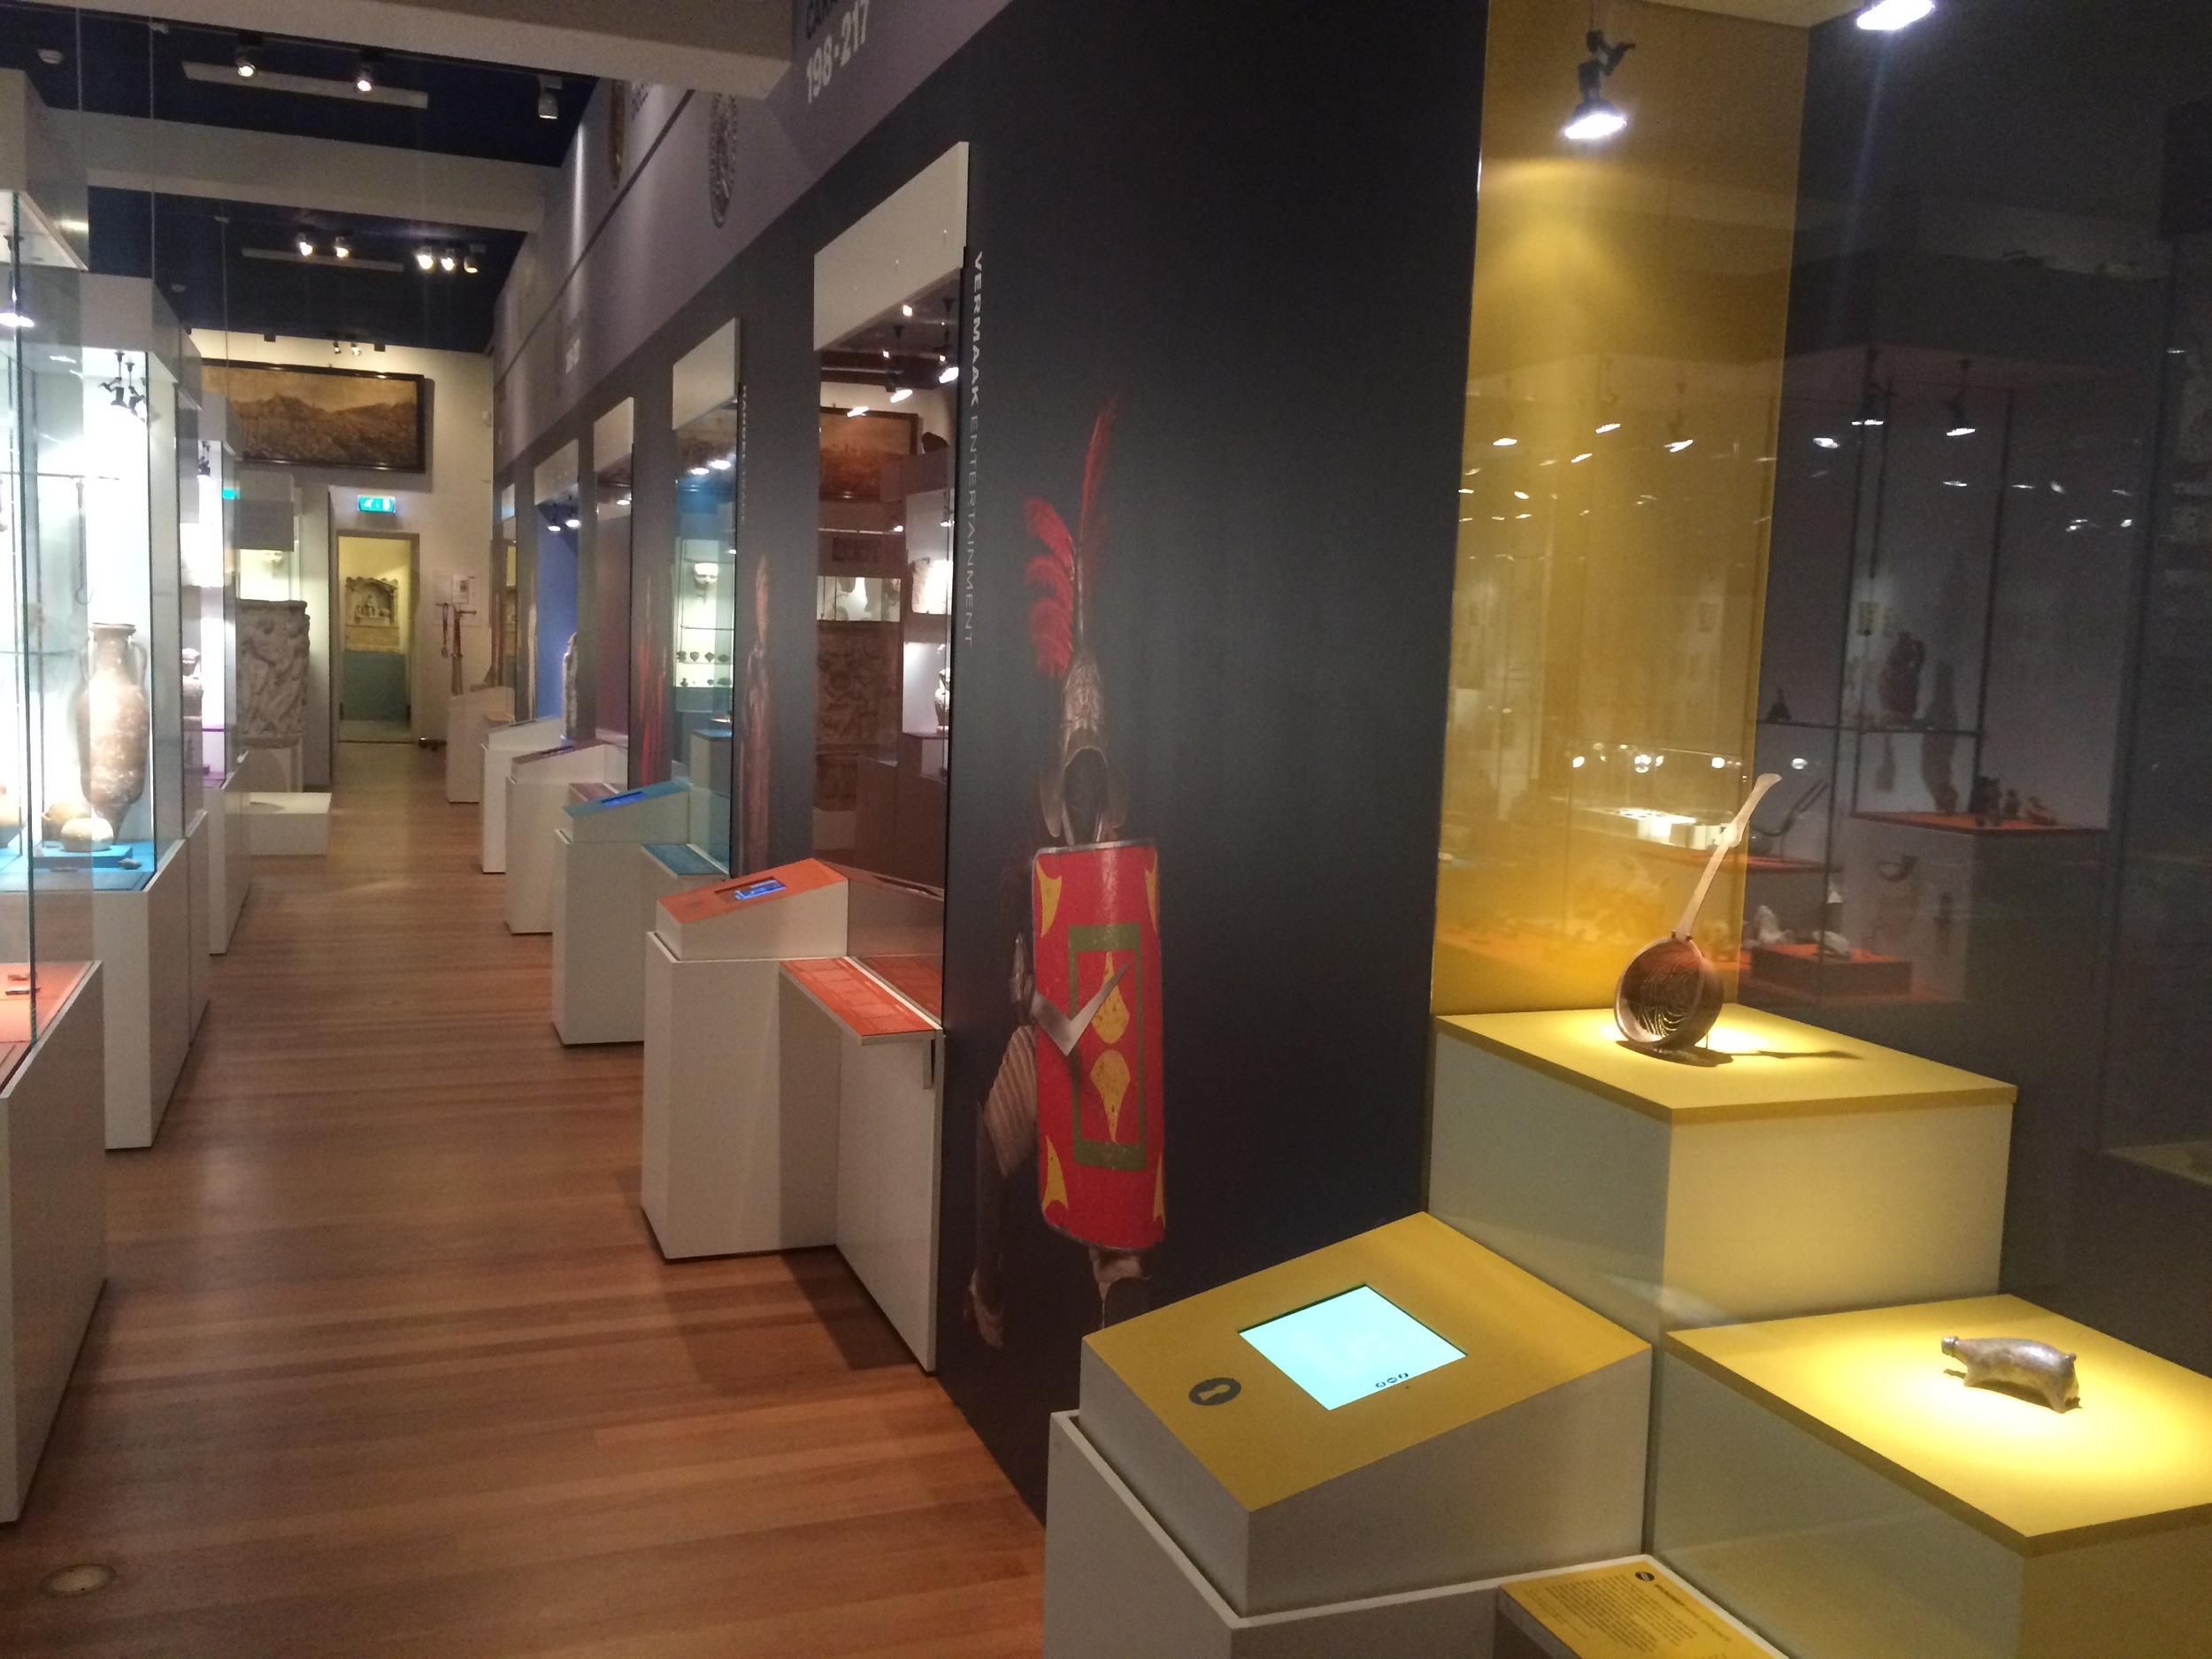 Ook in deze tentoonstelling veel digitale toepassingen. Op de schermen kun je o.a. de objecten 3d bekijken van alle kanten.